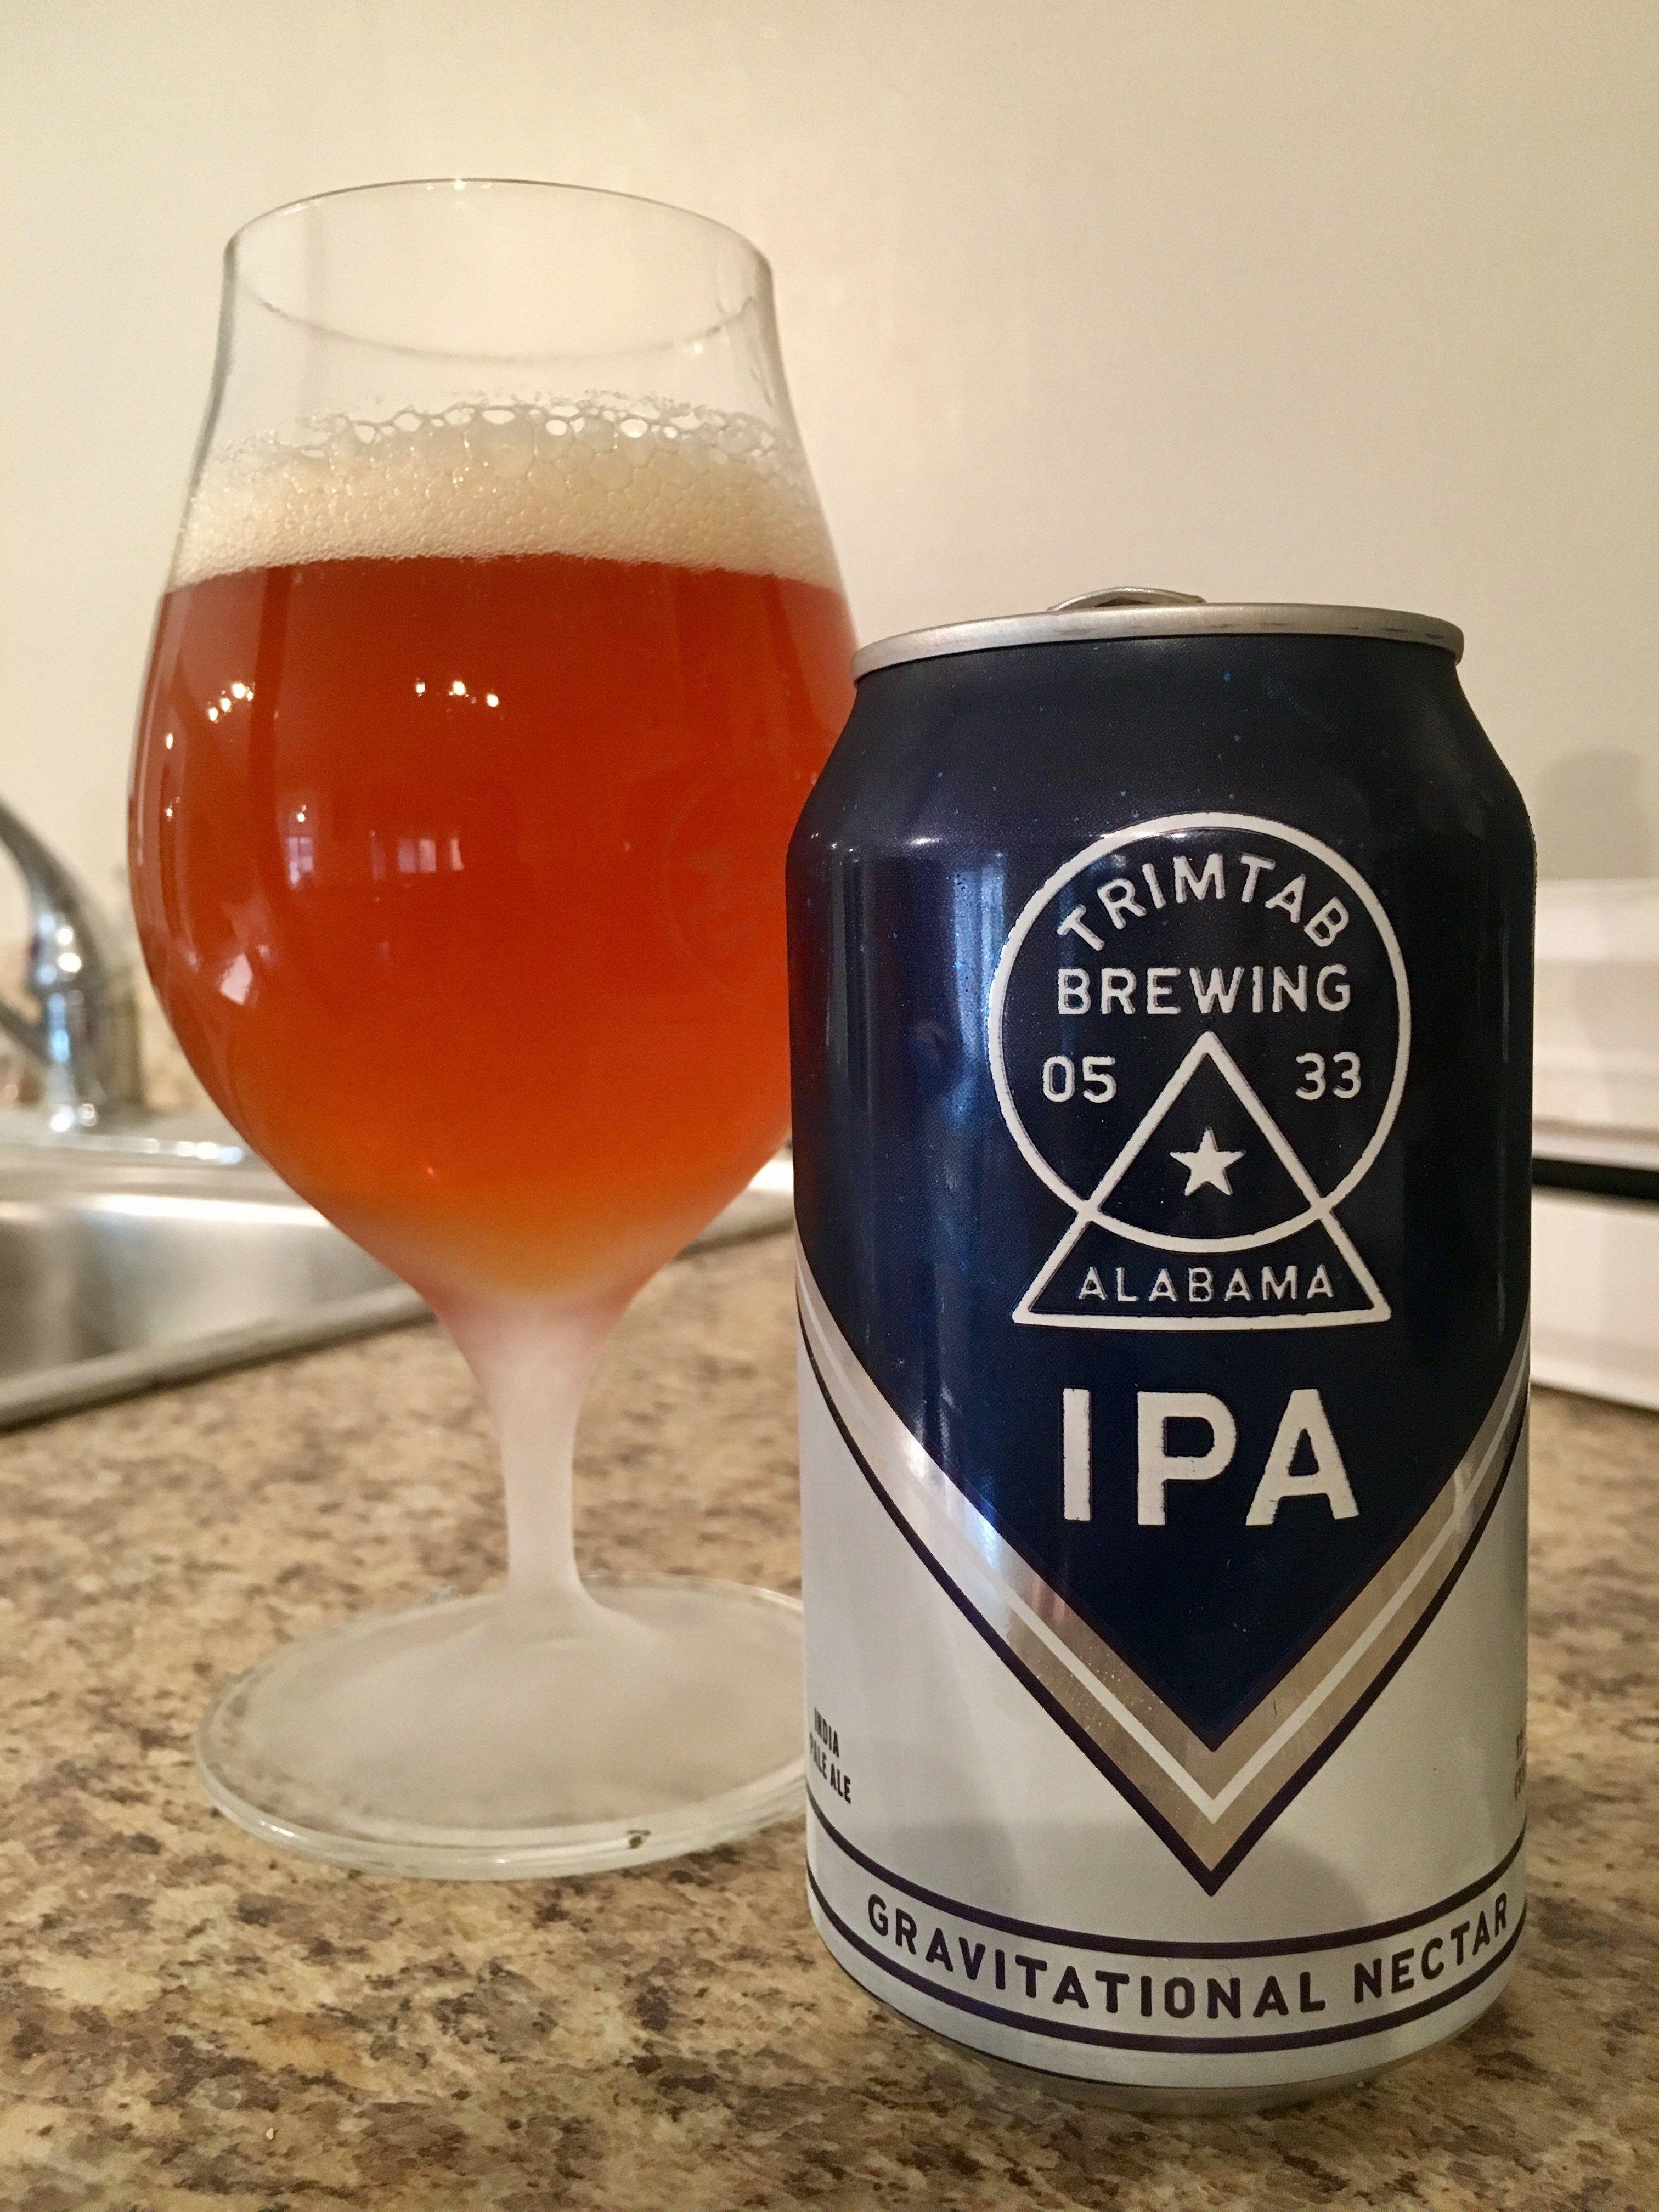 874 Trimtab Brewing Ipa Brewing Ipa Beer Festival